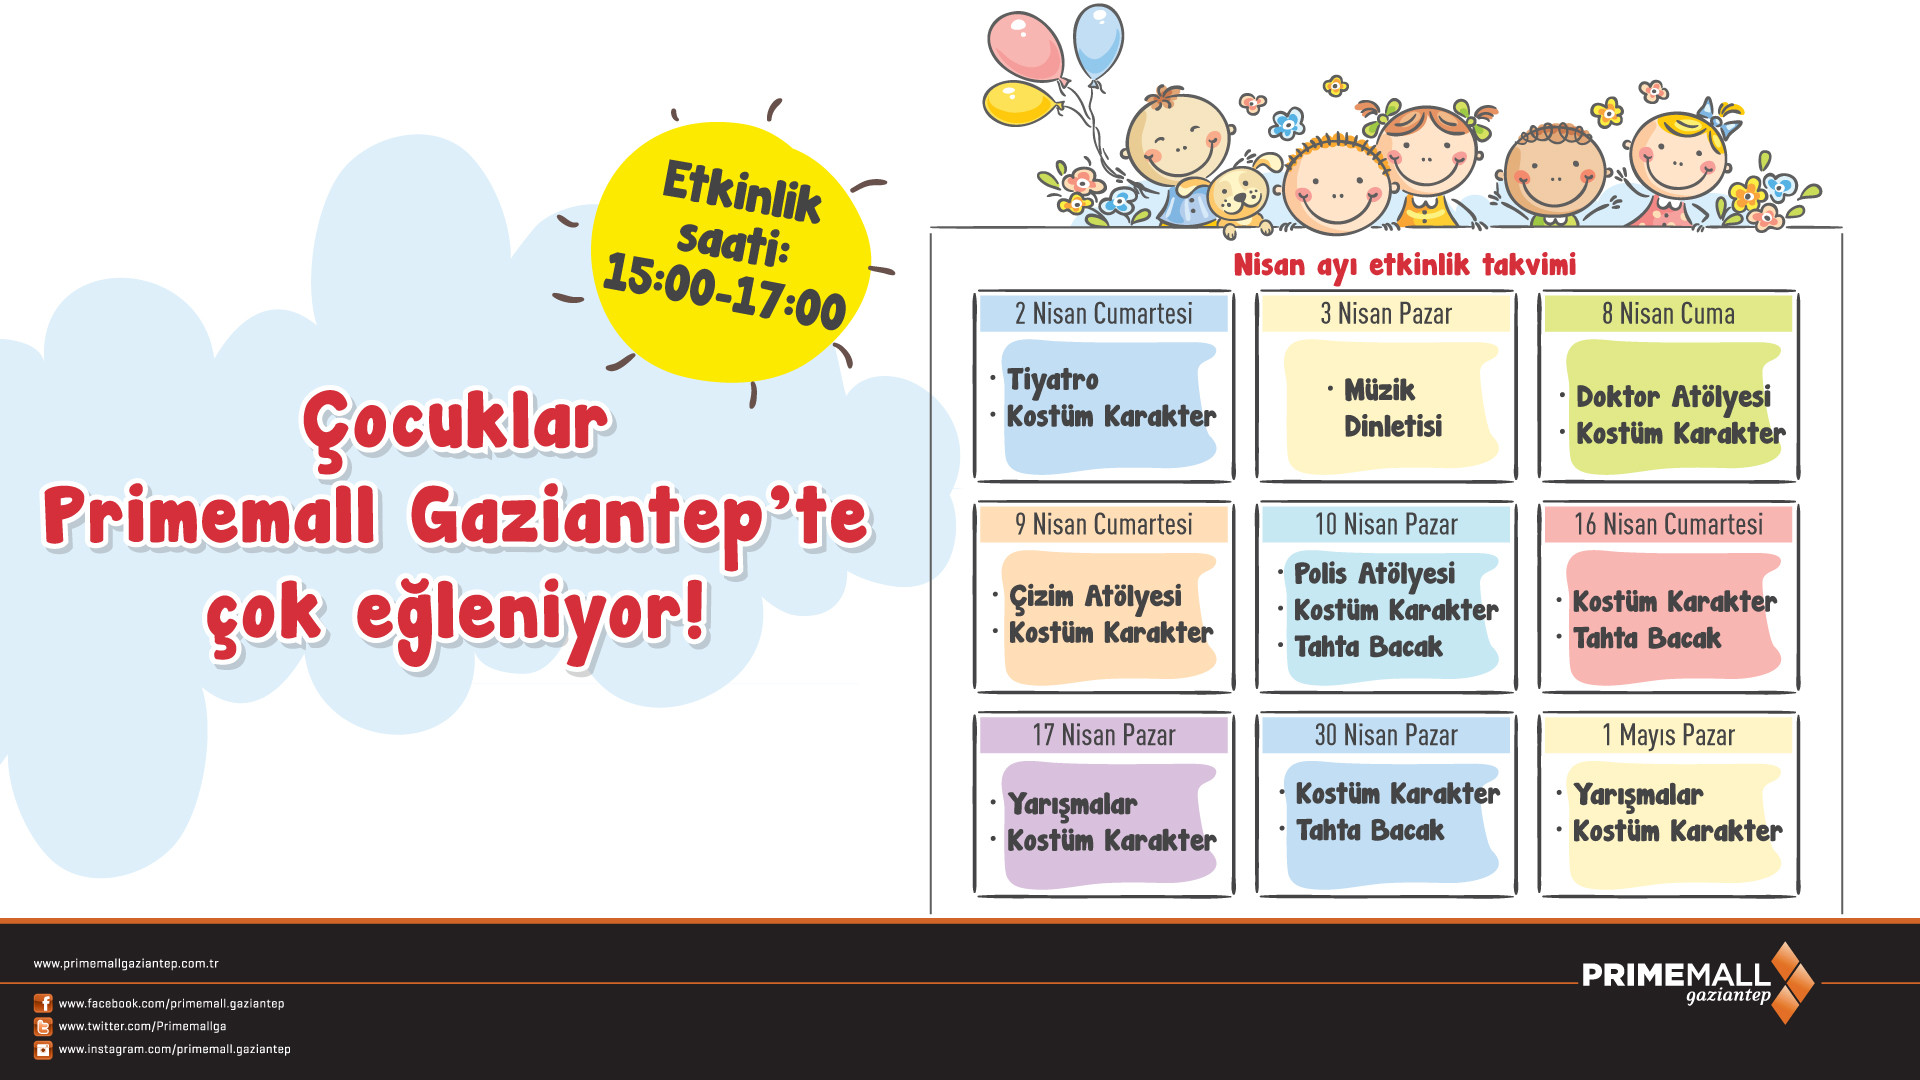 Çocuklar Primemall Gaziantep'te Çok Eğleniyor!